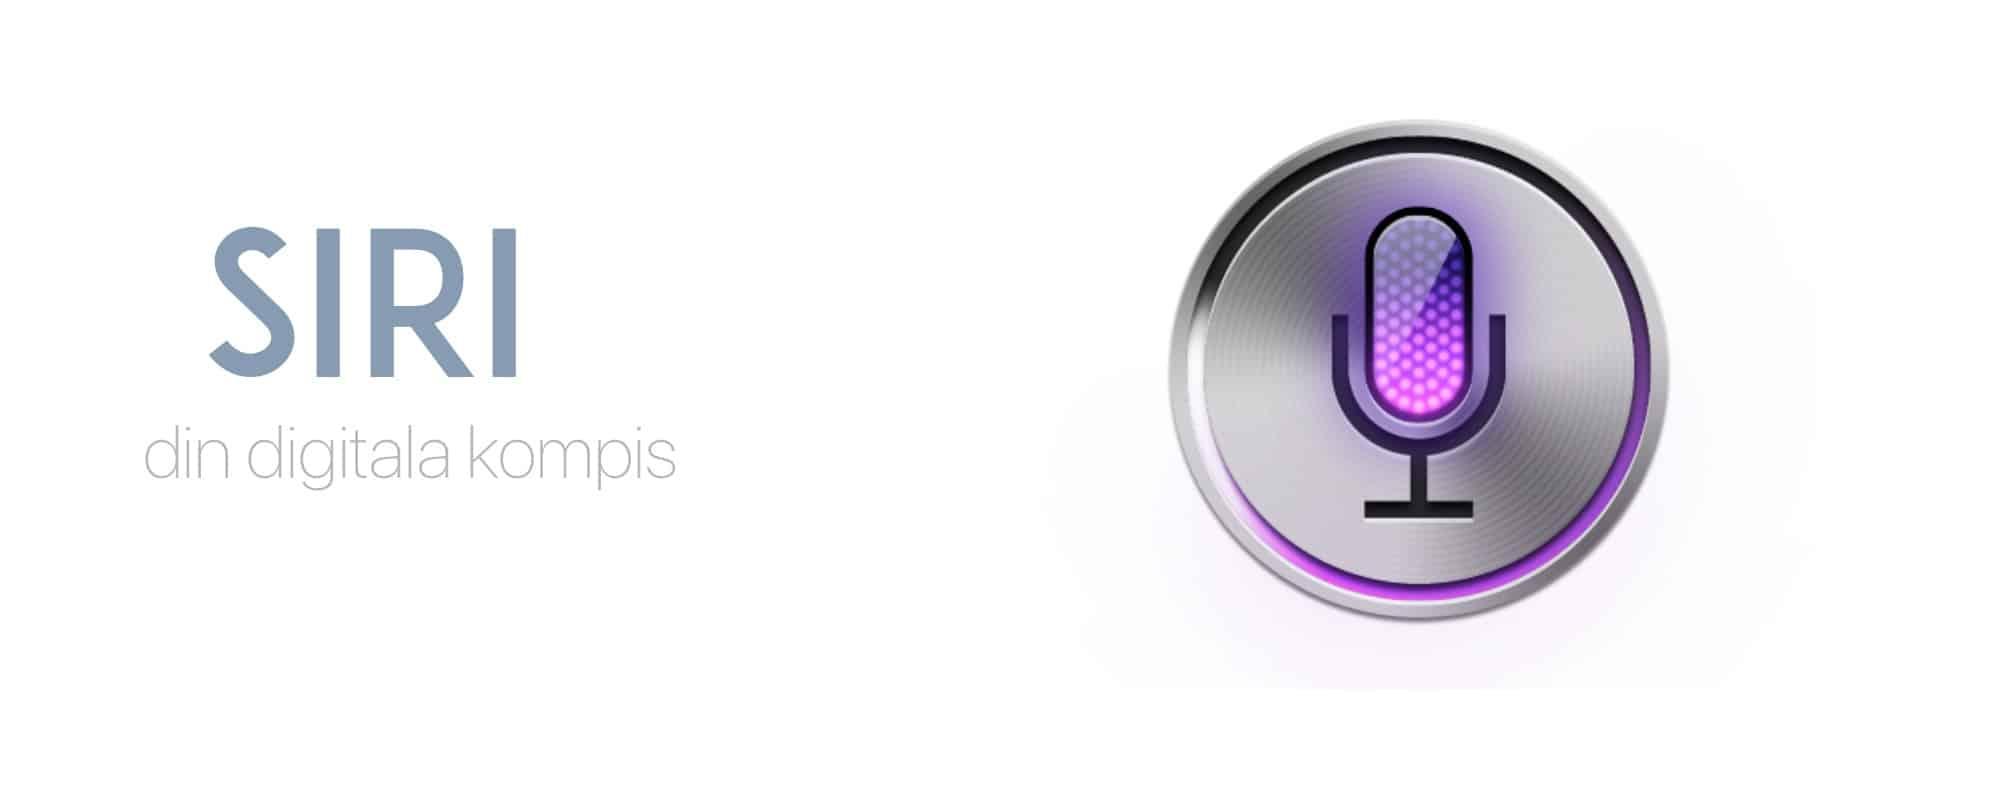 Lyssna på nya naturligare Siri